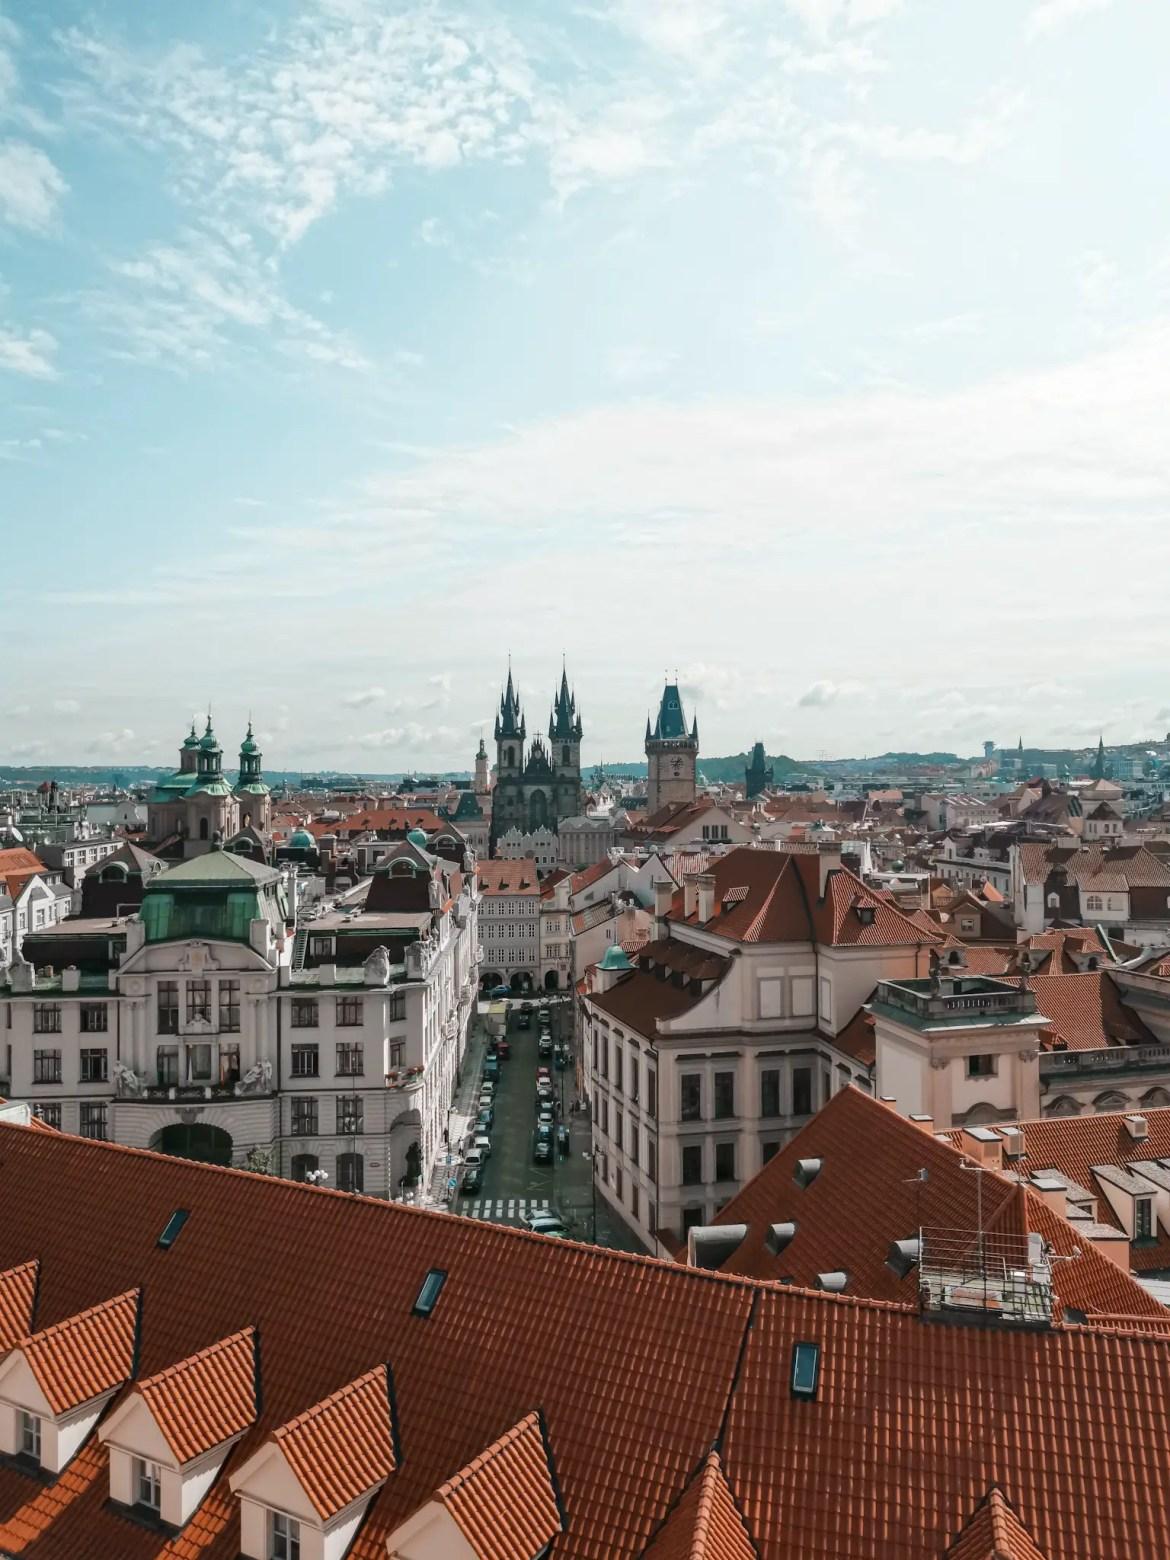 image qui a été prise depuis la tour astronomique à Prague